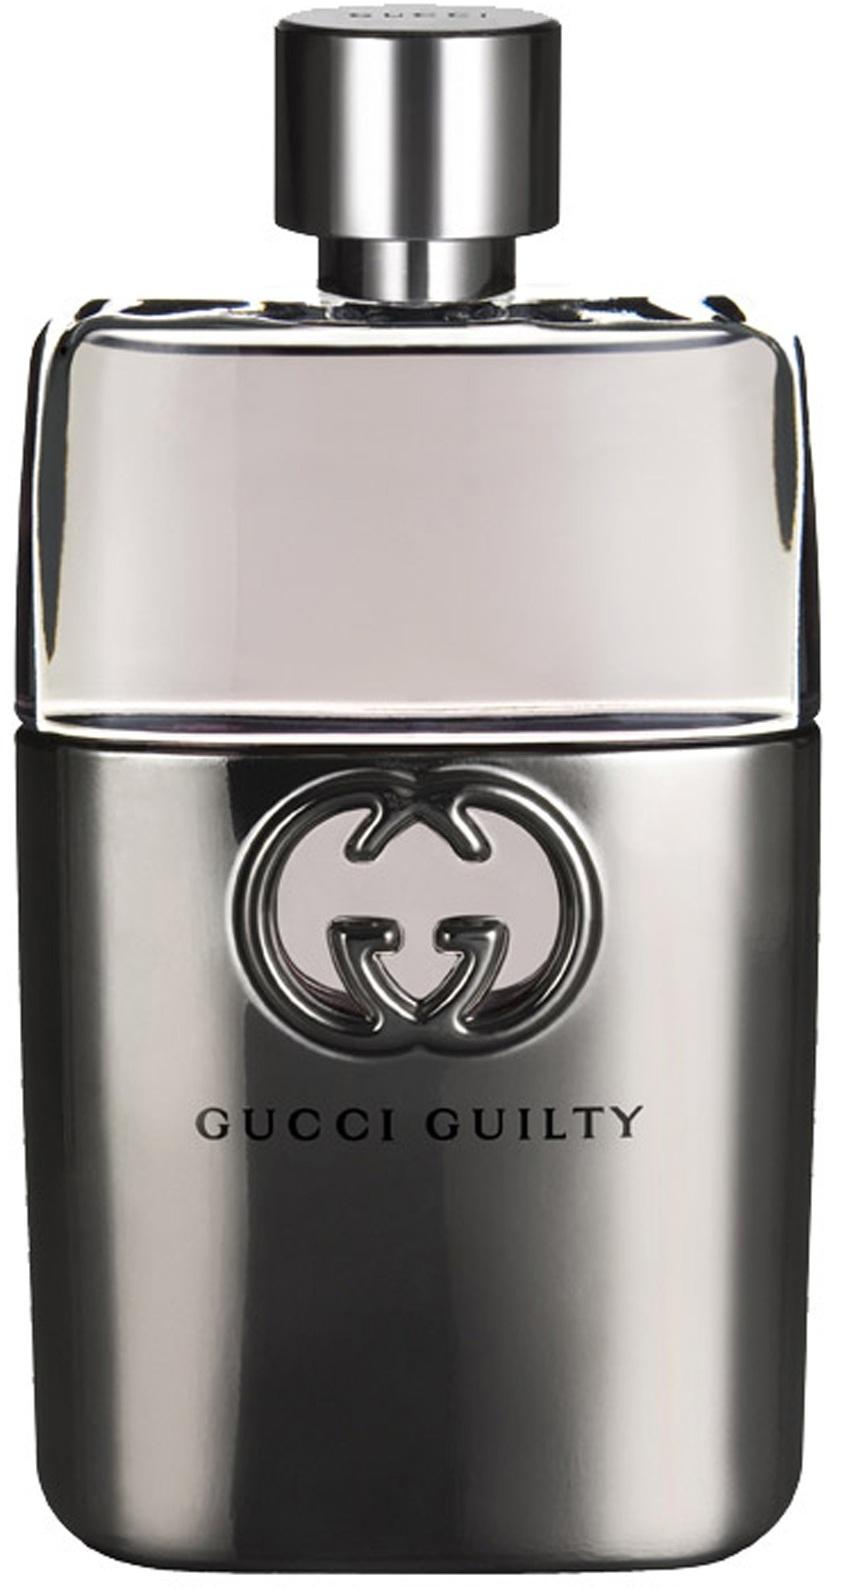 Gucci Guilty Edt 90 Ml Erkek Parfüm Fiyatı Taksit Seçenekleri